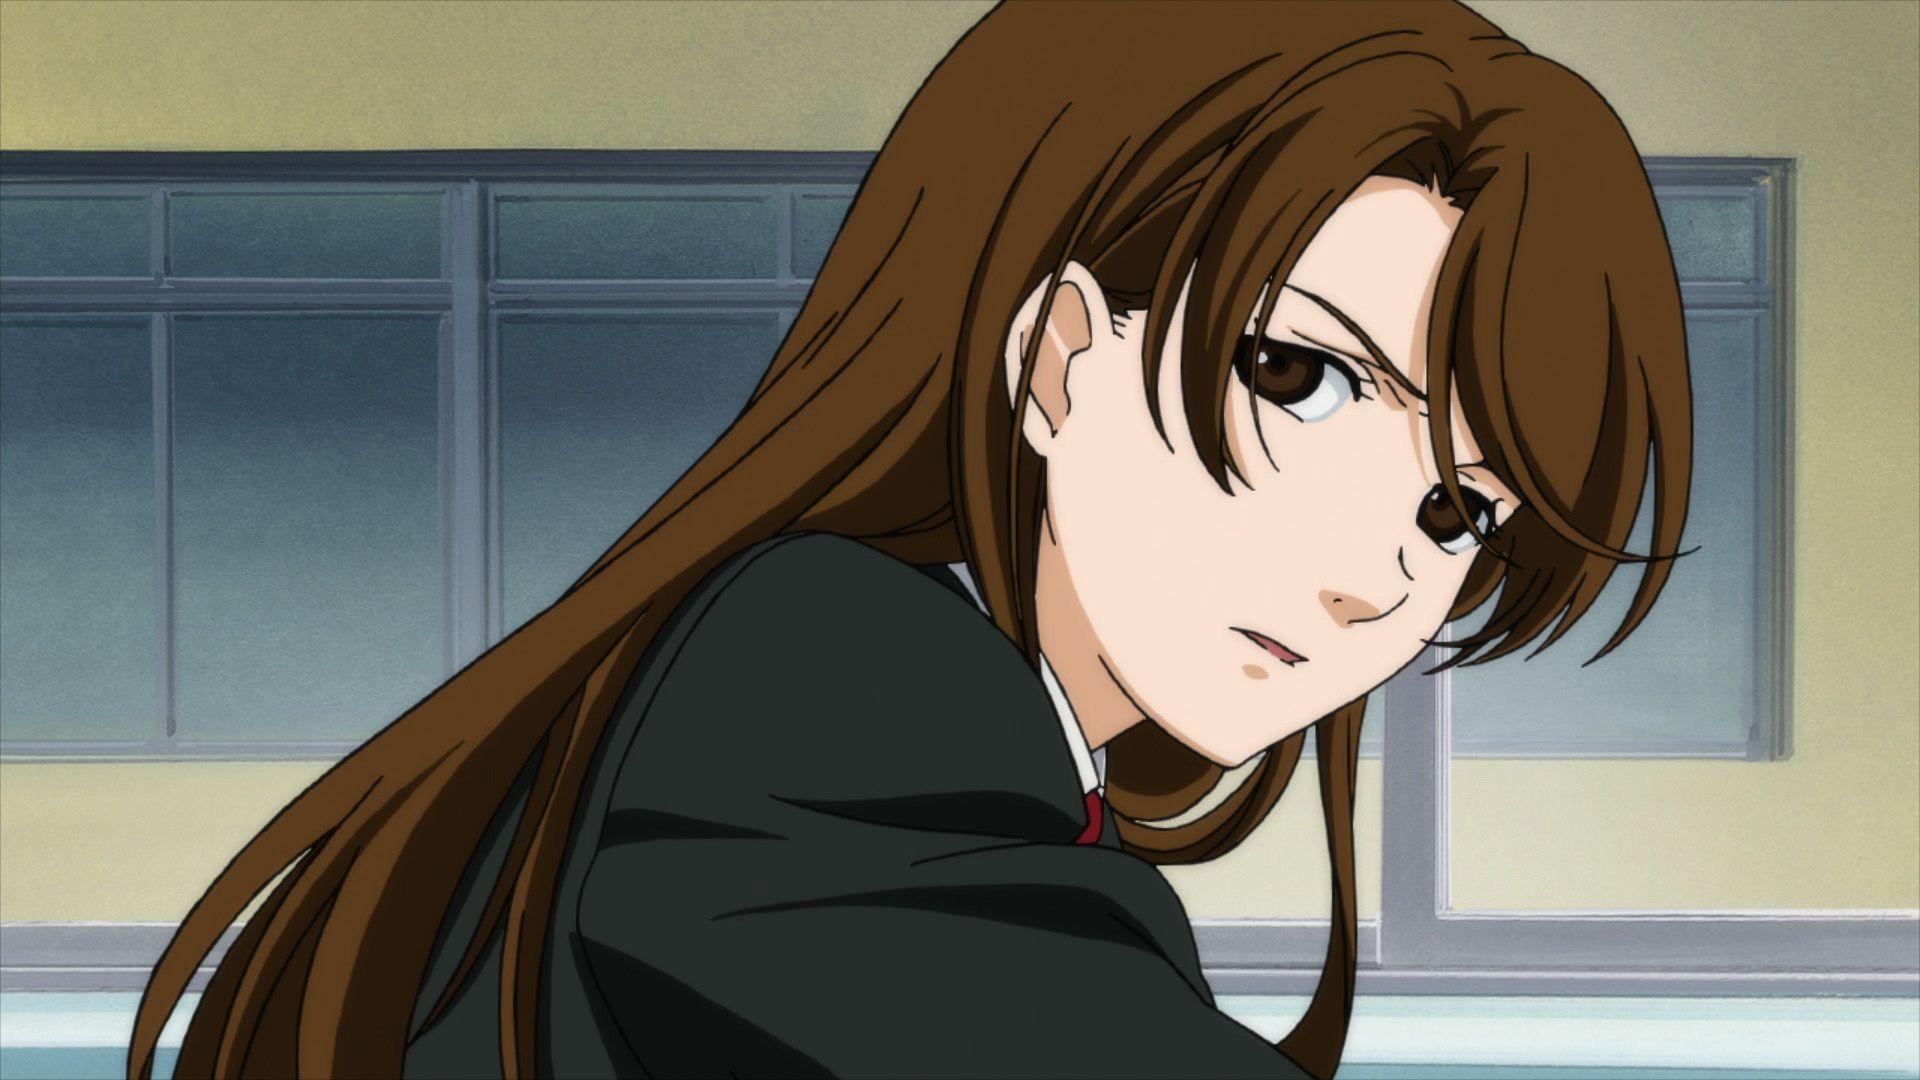 Kurenai - Épisode 12 : Je suis. Plus d'informations sur la série sur http://anime.kaze.fr/catalogue/kurenai